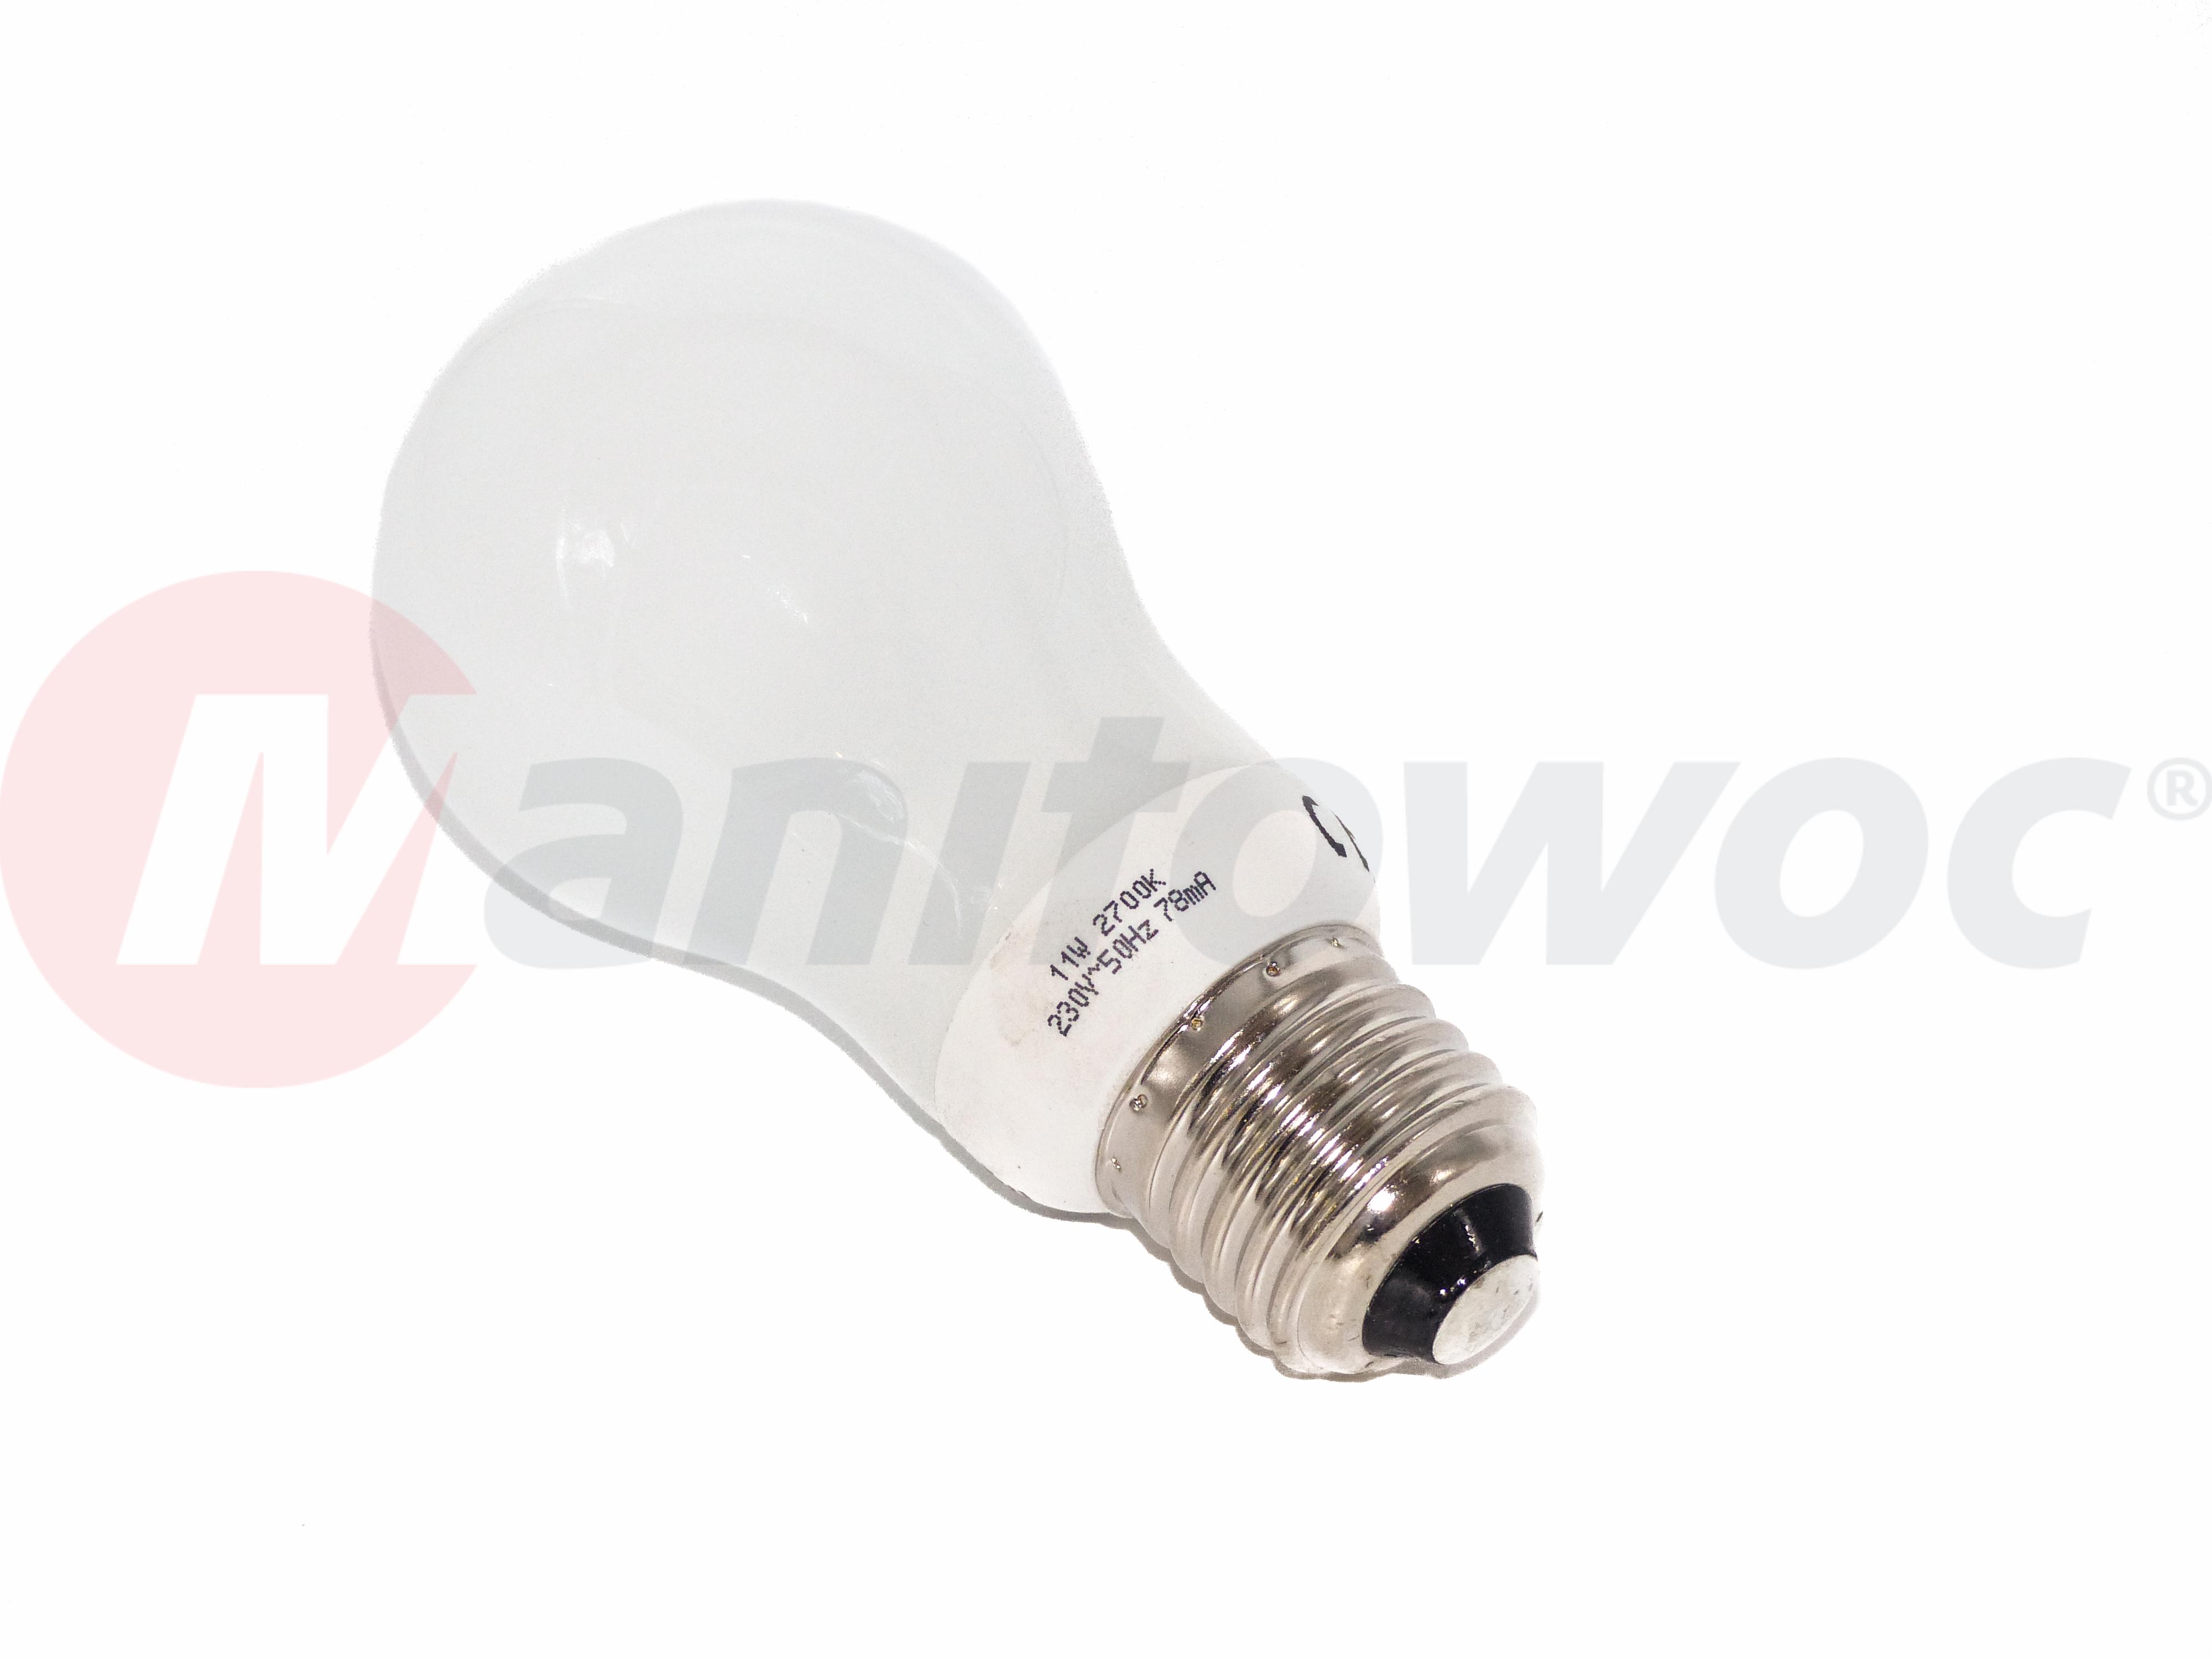 D-61405-43 - LAMPE FLUO 11W E27